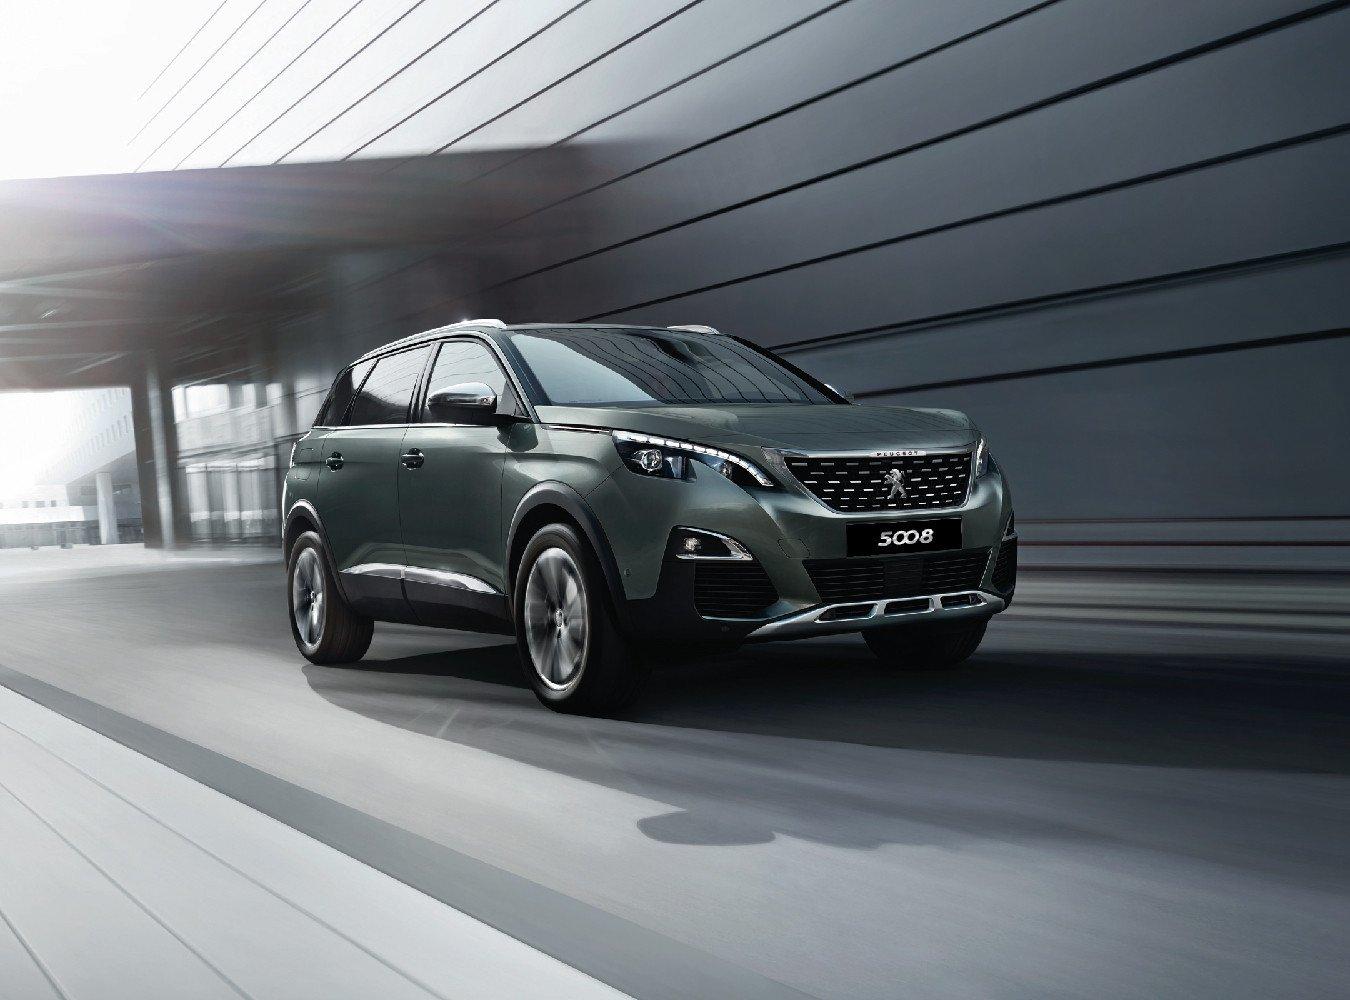 Giá xe Peugeot 5008 2019 mới nhất tháng 5/2019 1